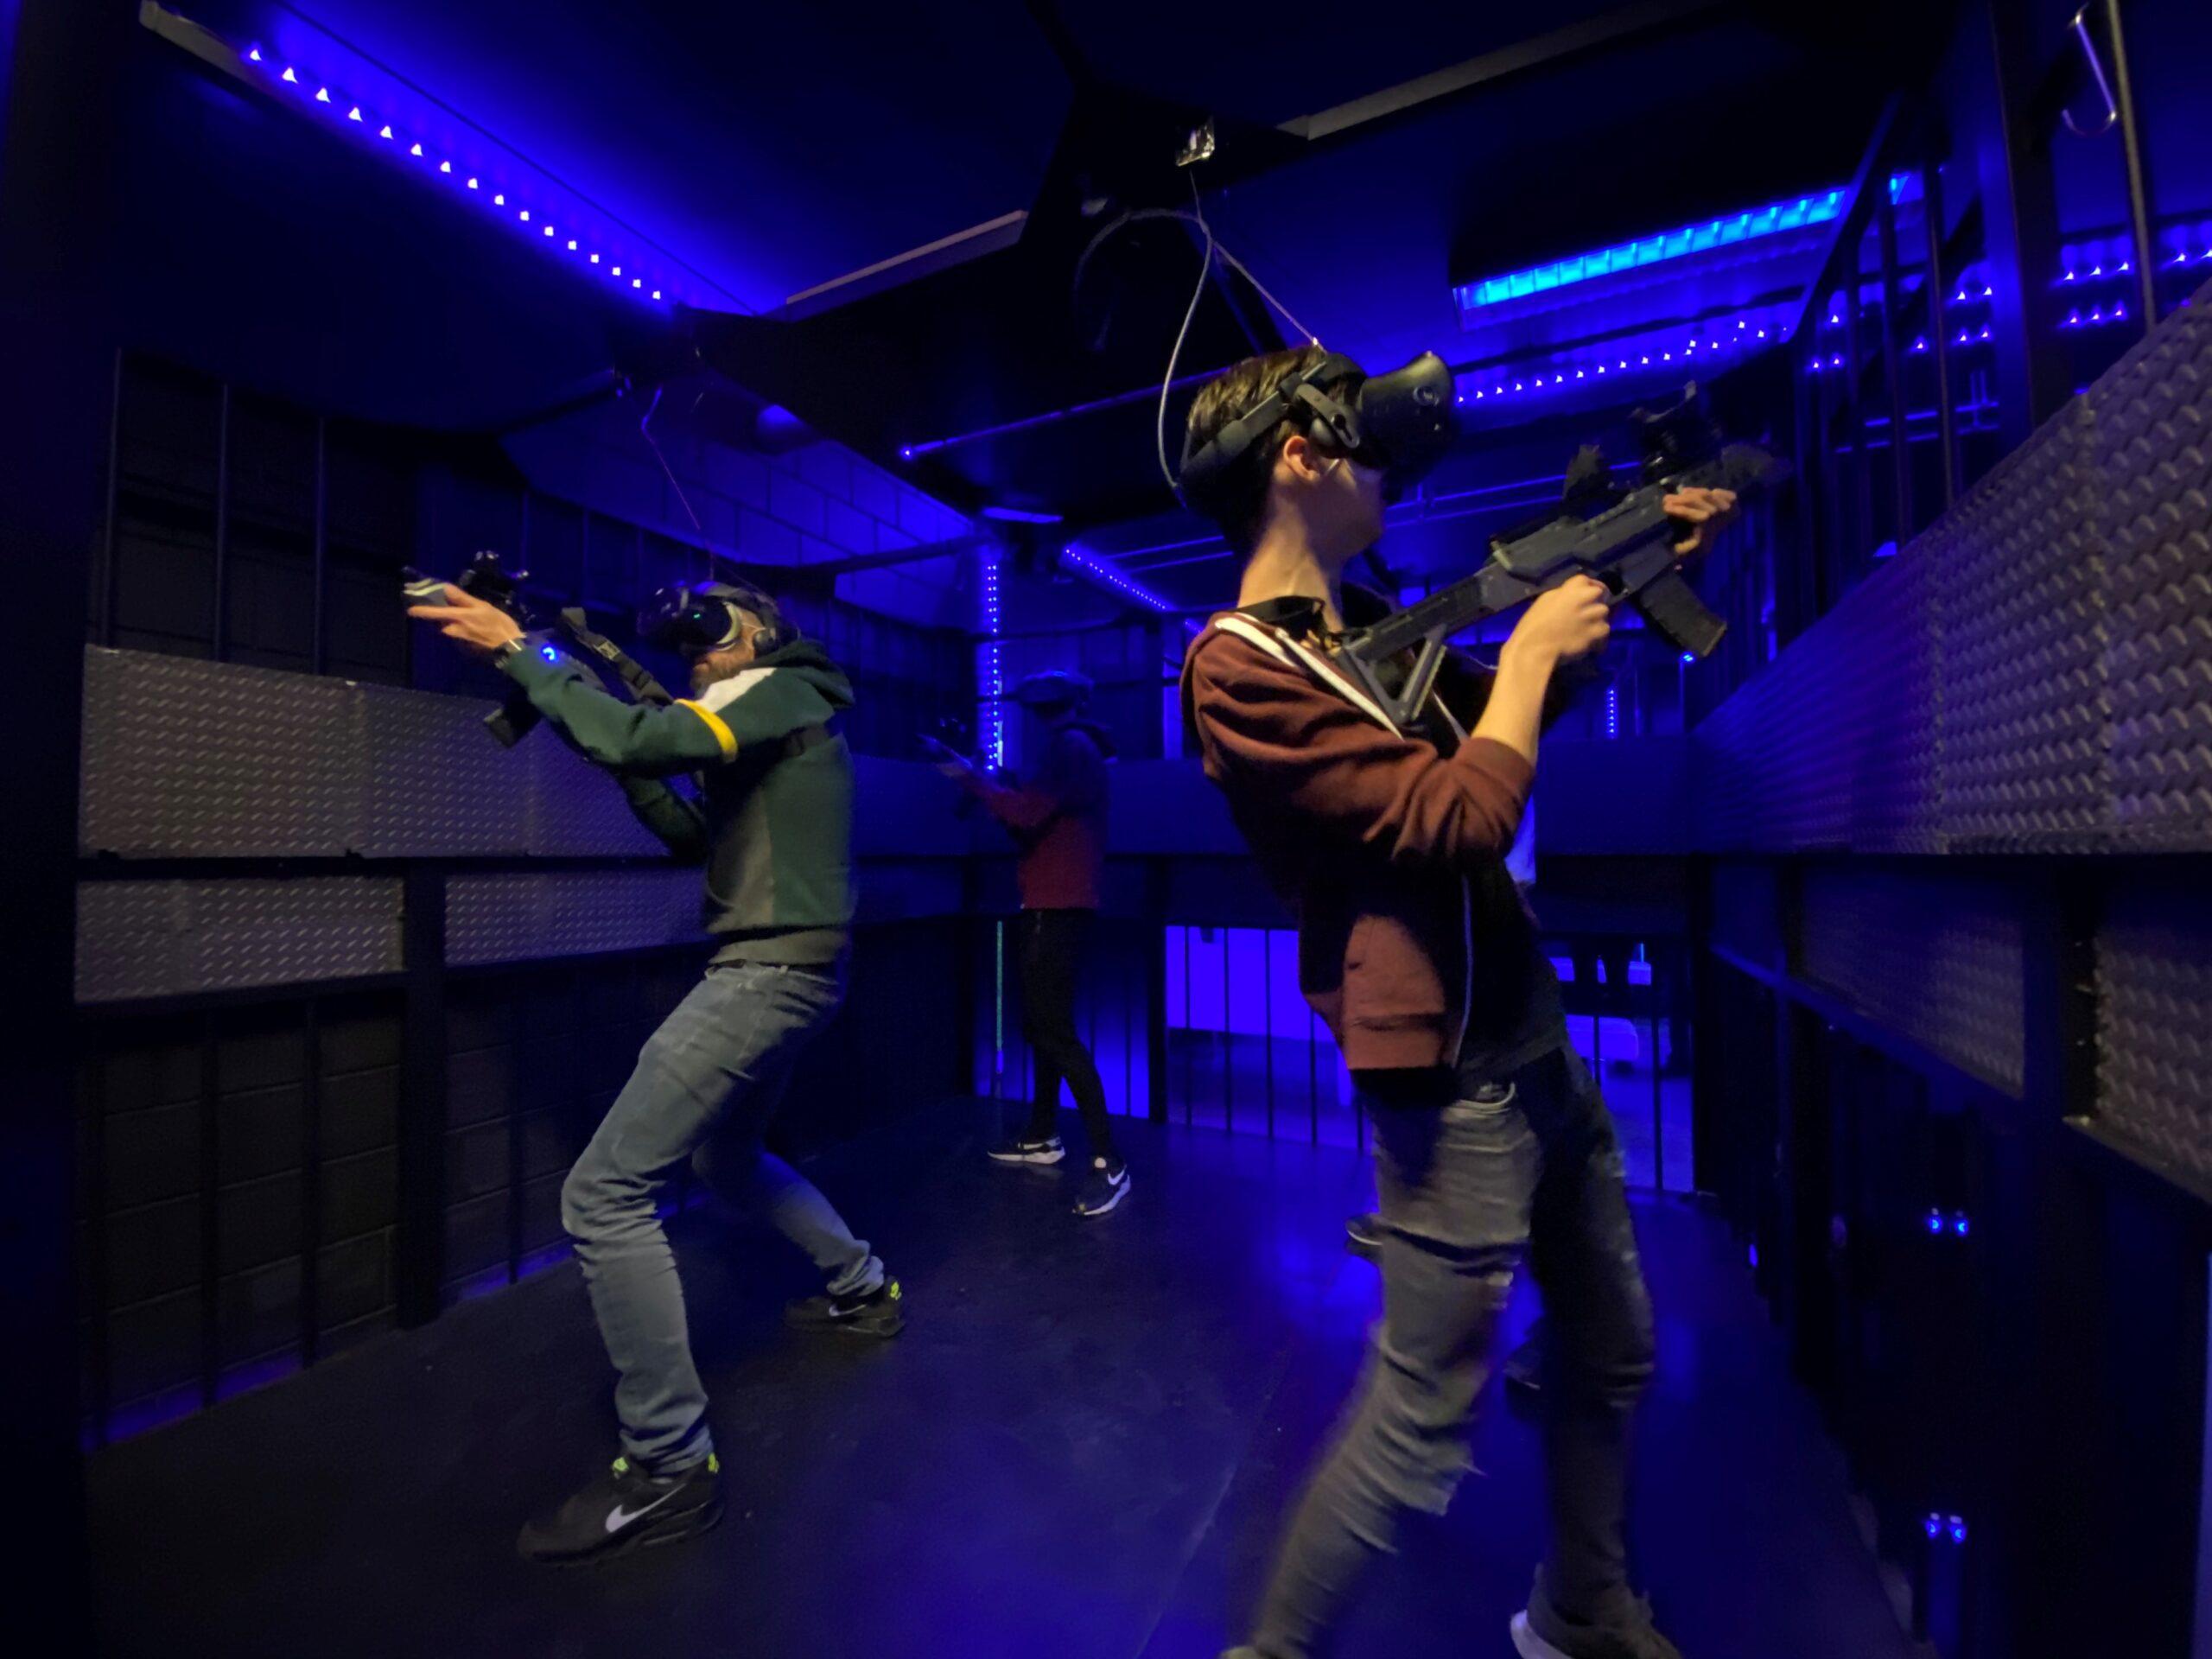 VR Almere arcade speelhal experience voor een kinderfeestje of kinderuitje dichtbij Hilversum, Amsterdam, Utrecht, Gooi, Amersfoort en Lelystad